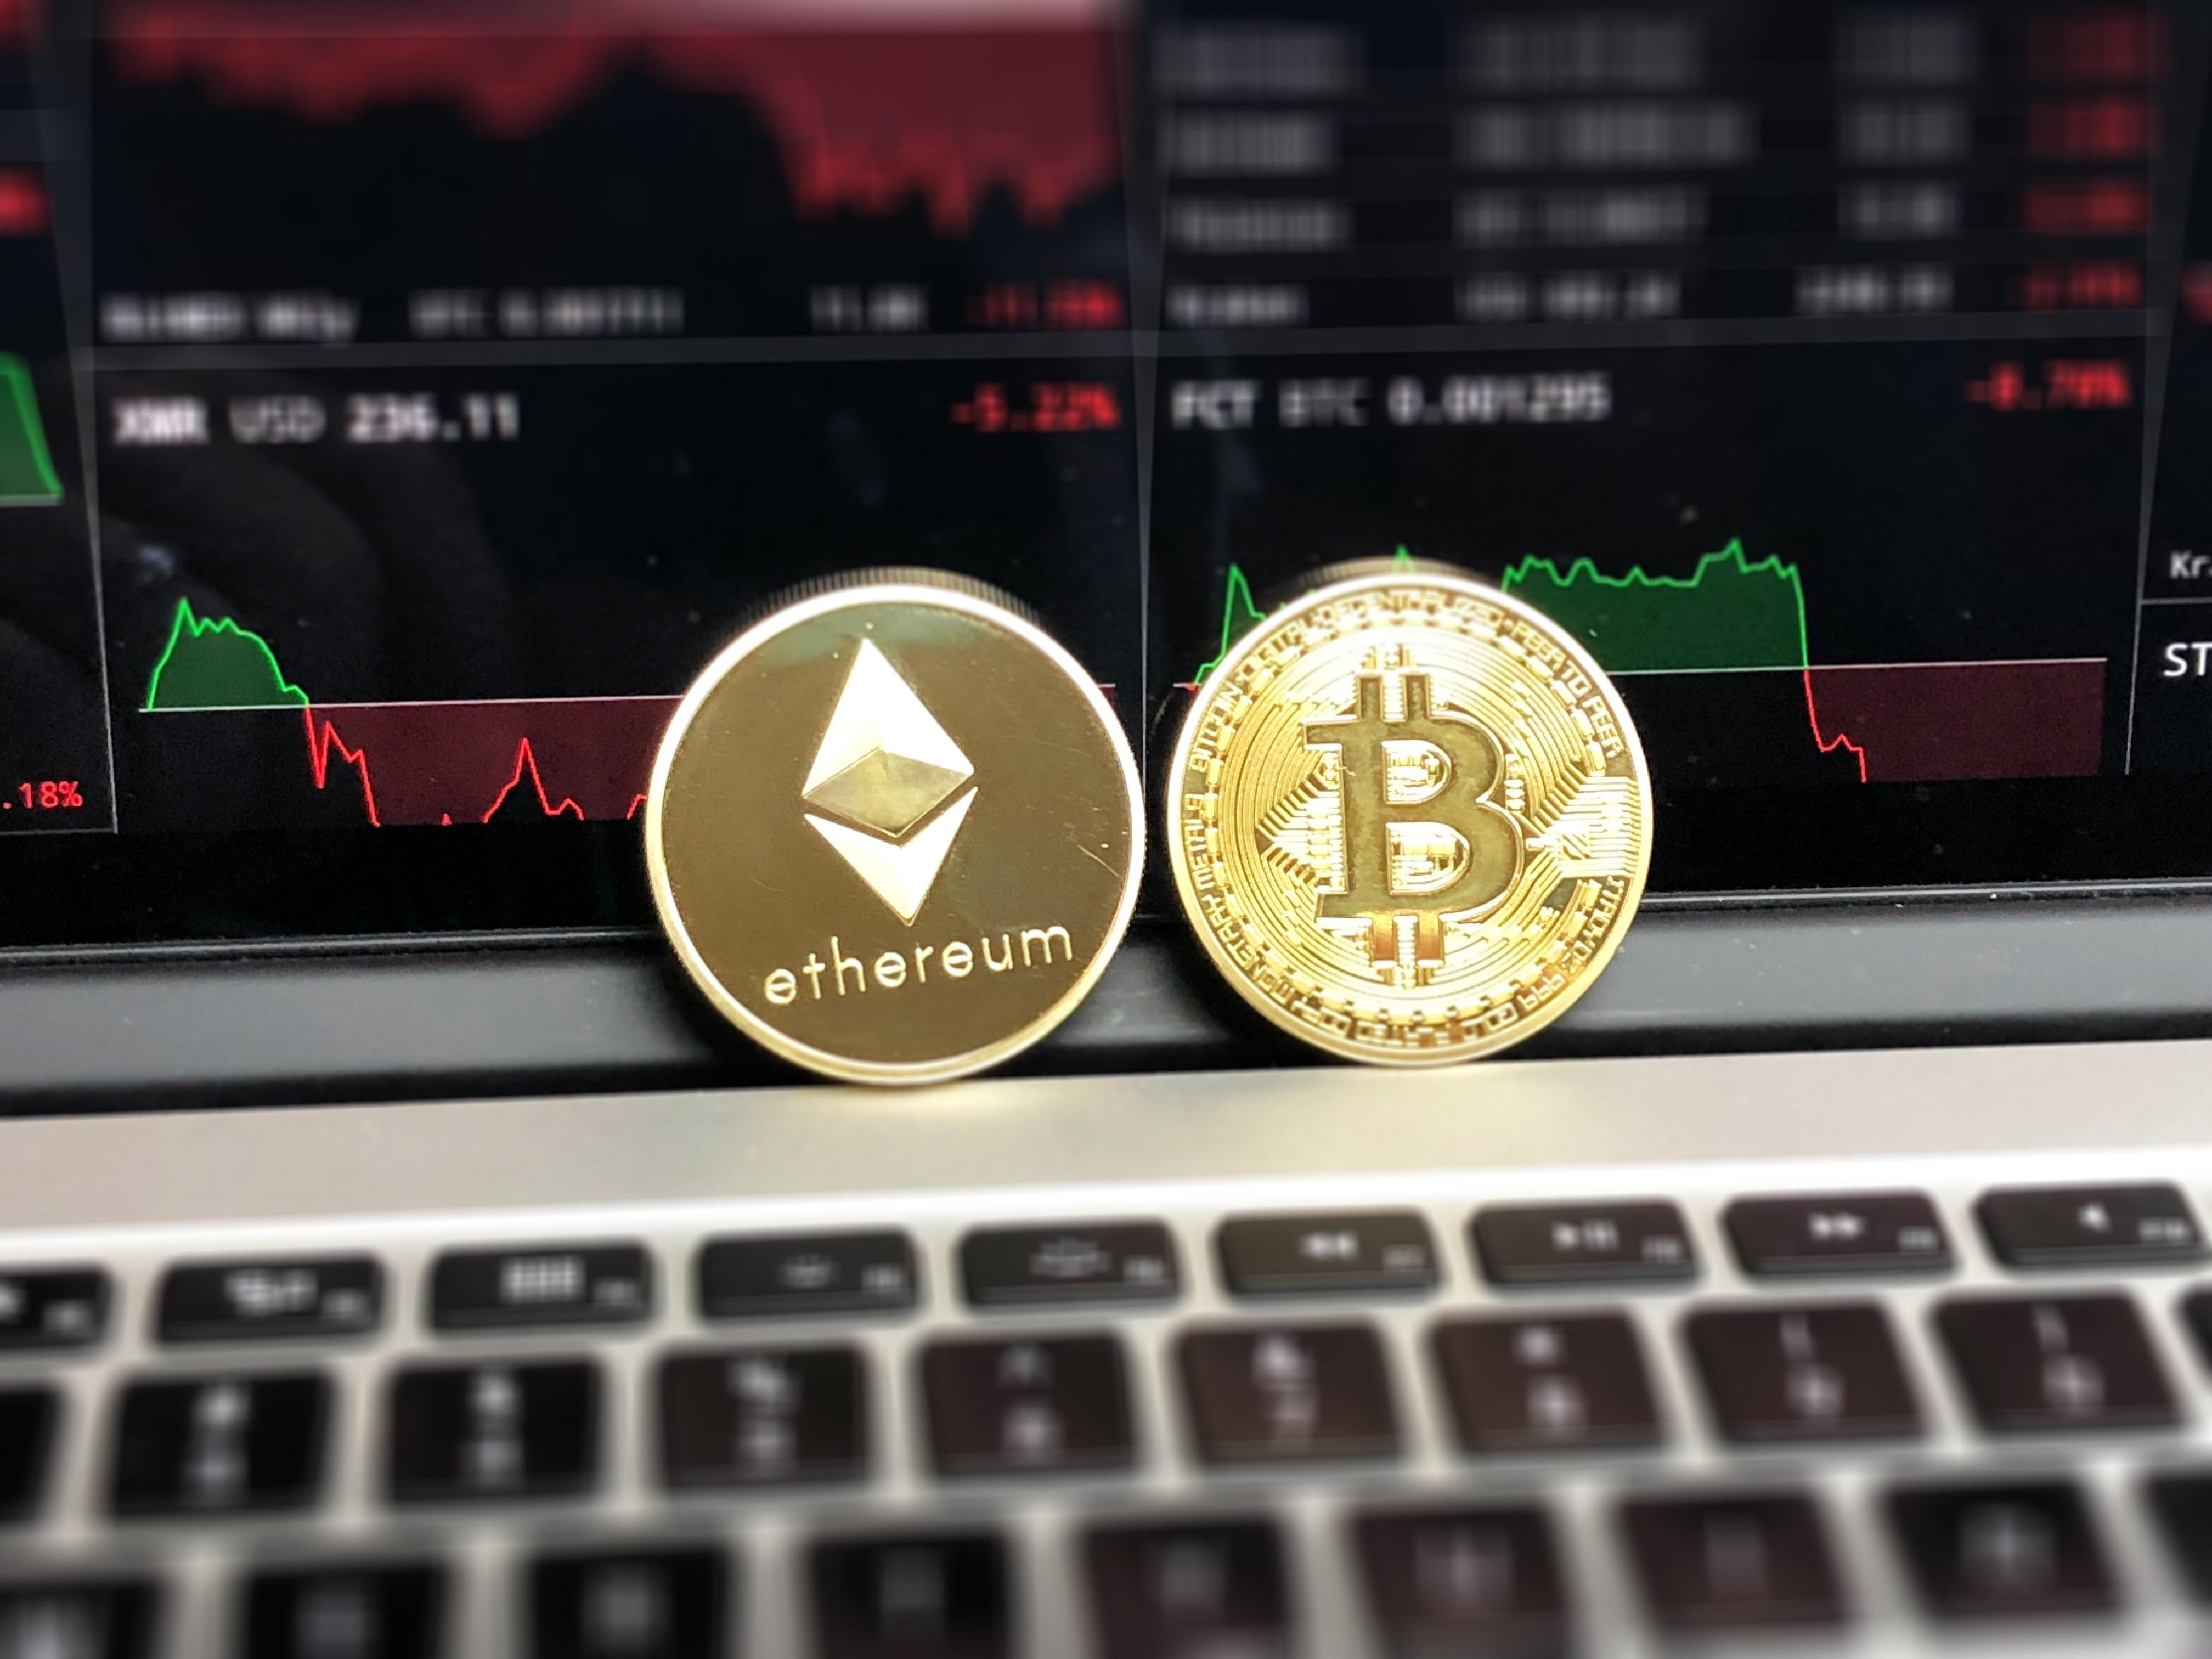 uploads///bitcoin blockchain coins